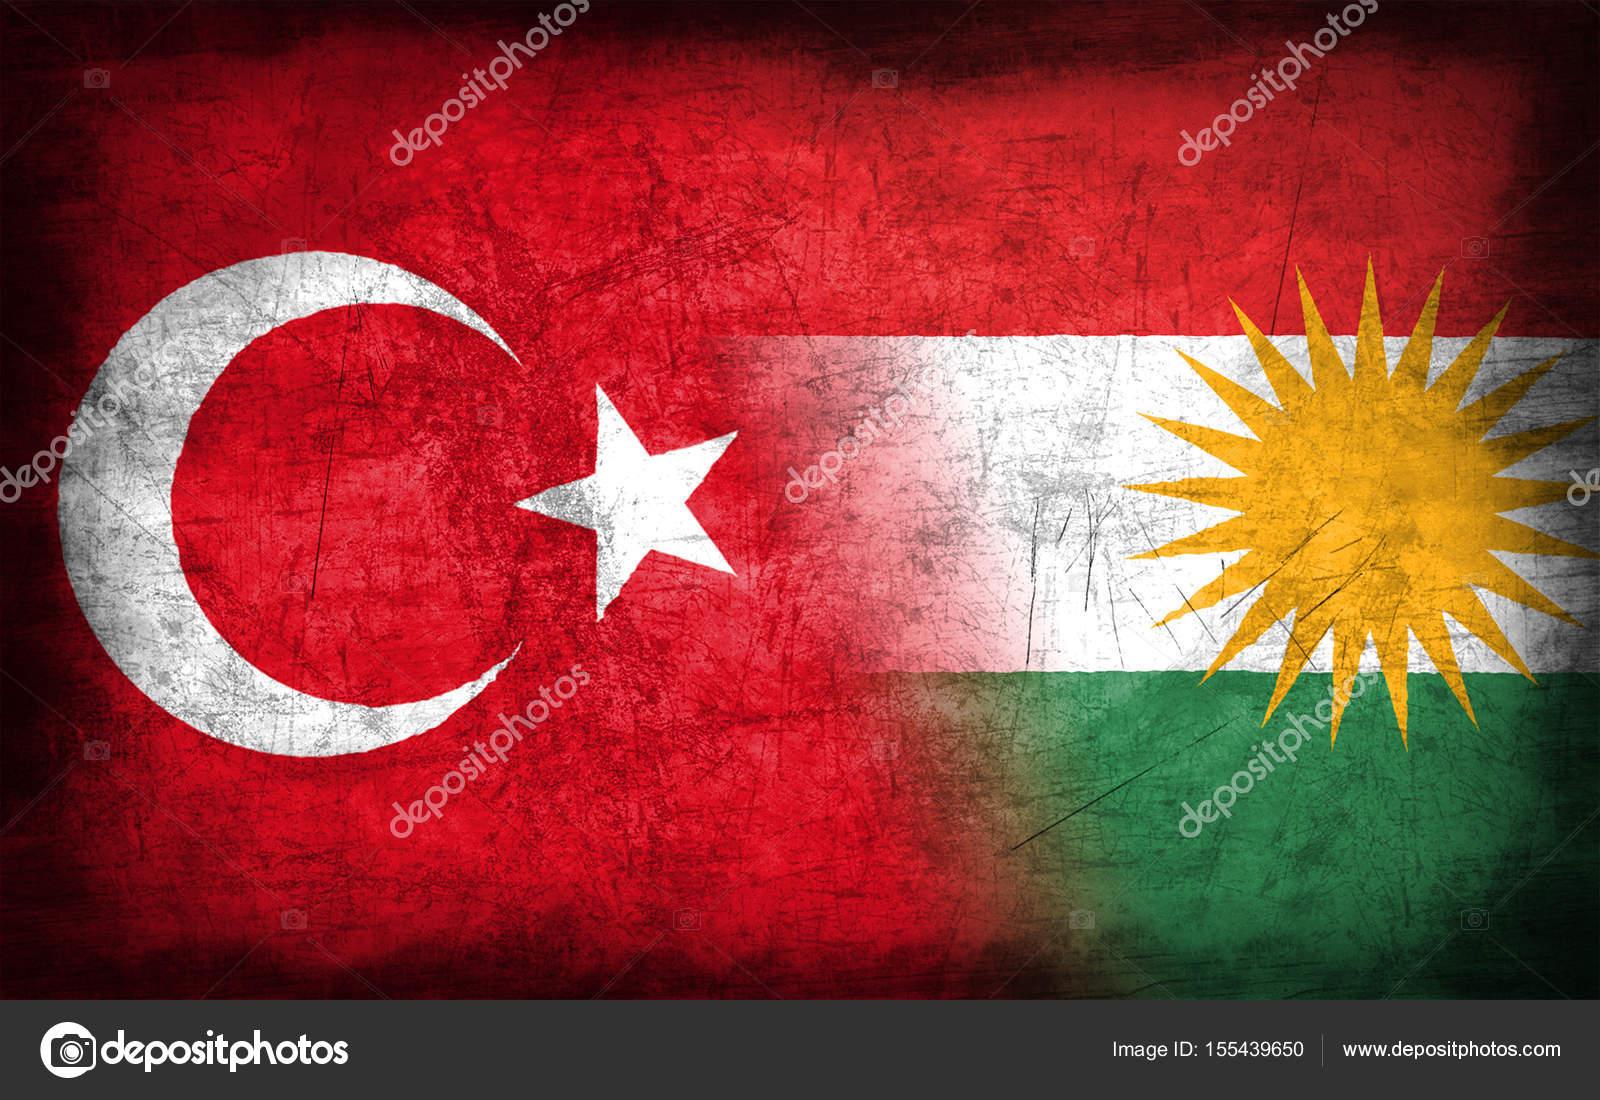 bilder jenter kurdish chat